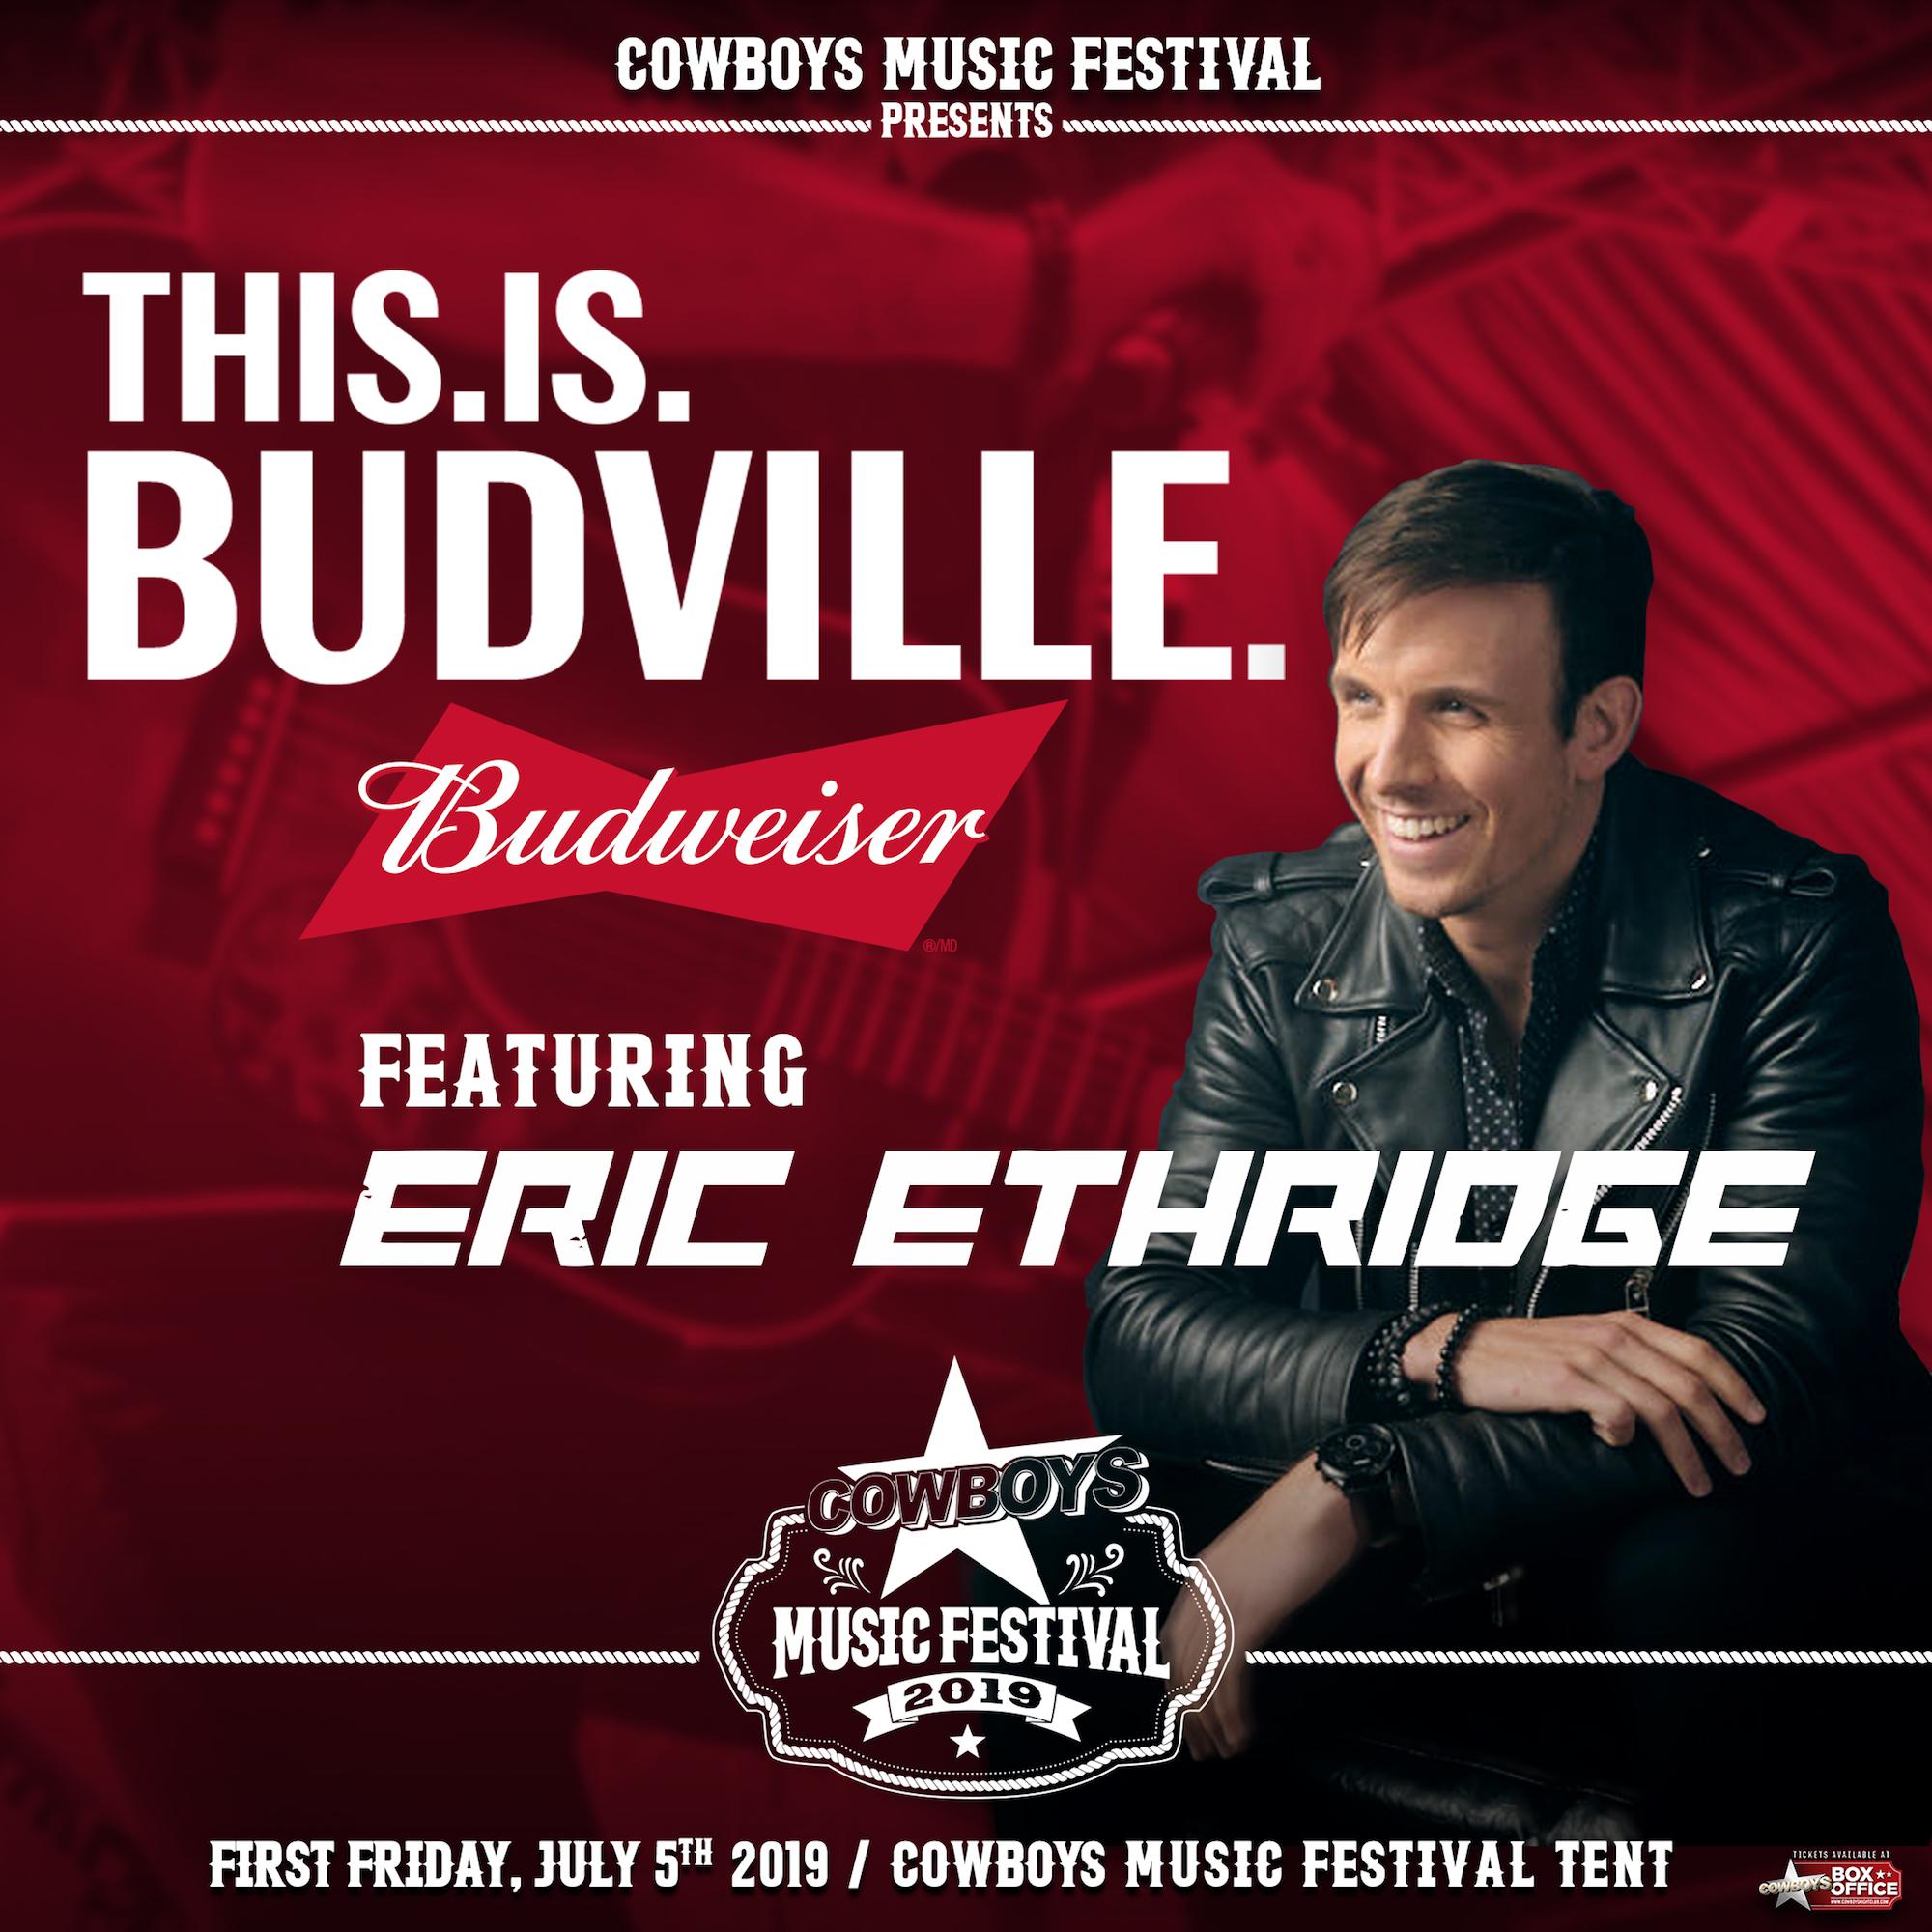 __INSTA-MUSIC-FESTIVAL-2019-budville-2.jpg